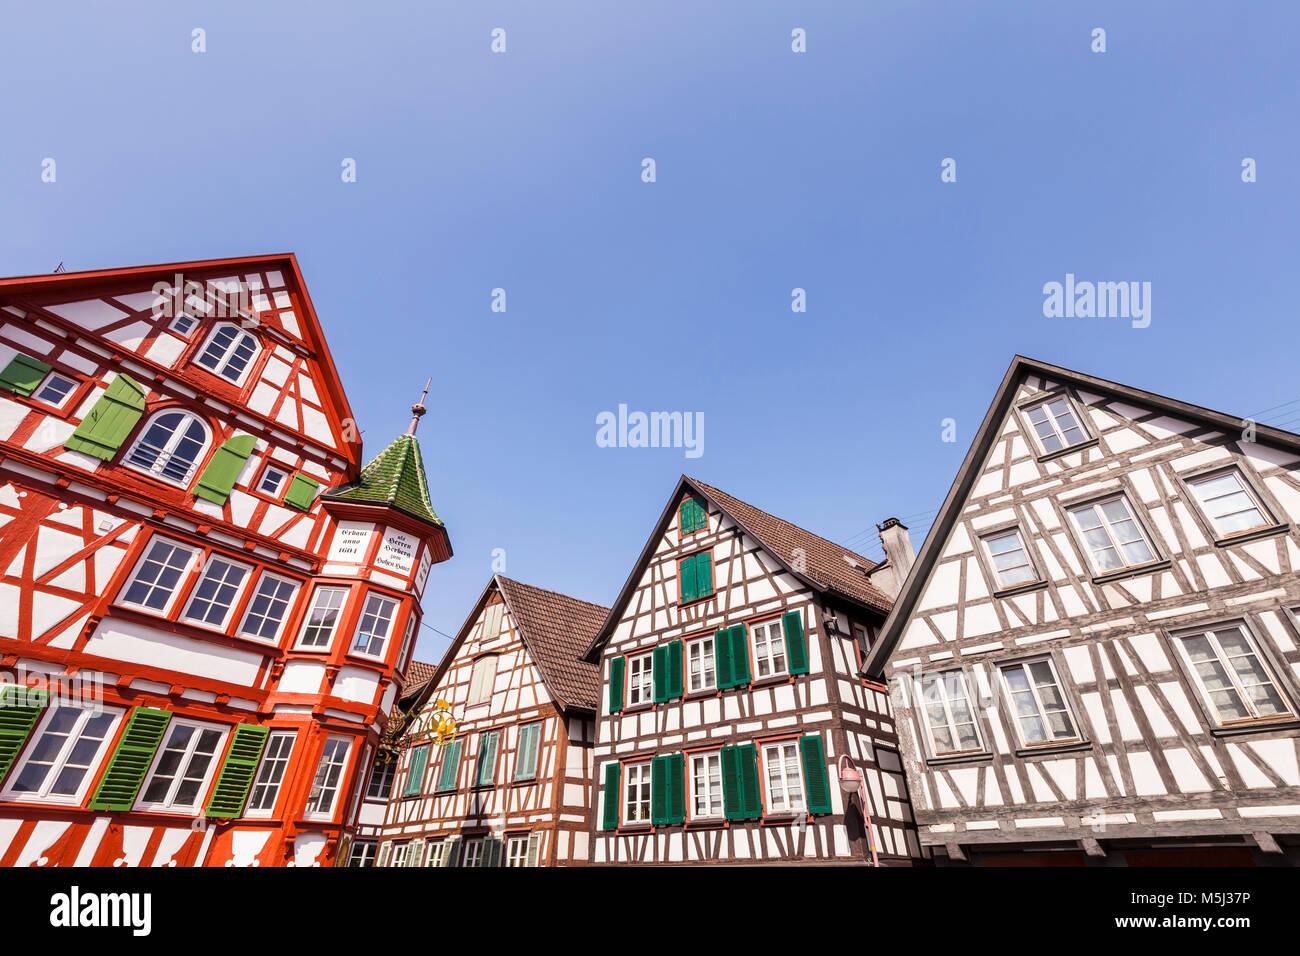 Deutschland, Baden-Württemberg, Schwarzwald, Schiltach, Altstadt, Fachwerkhäuser - Stock Image